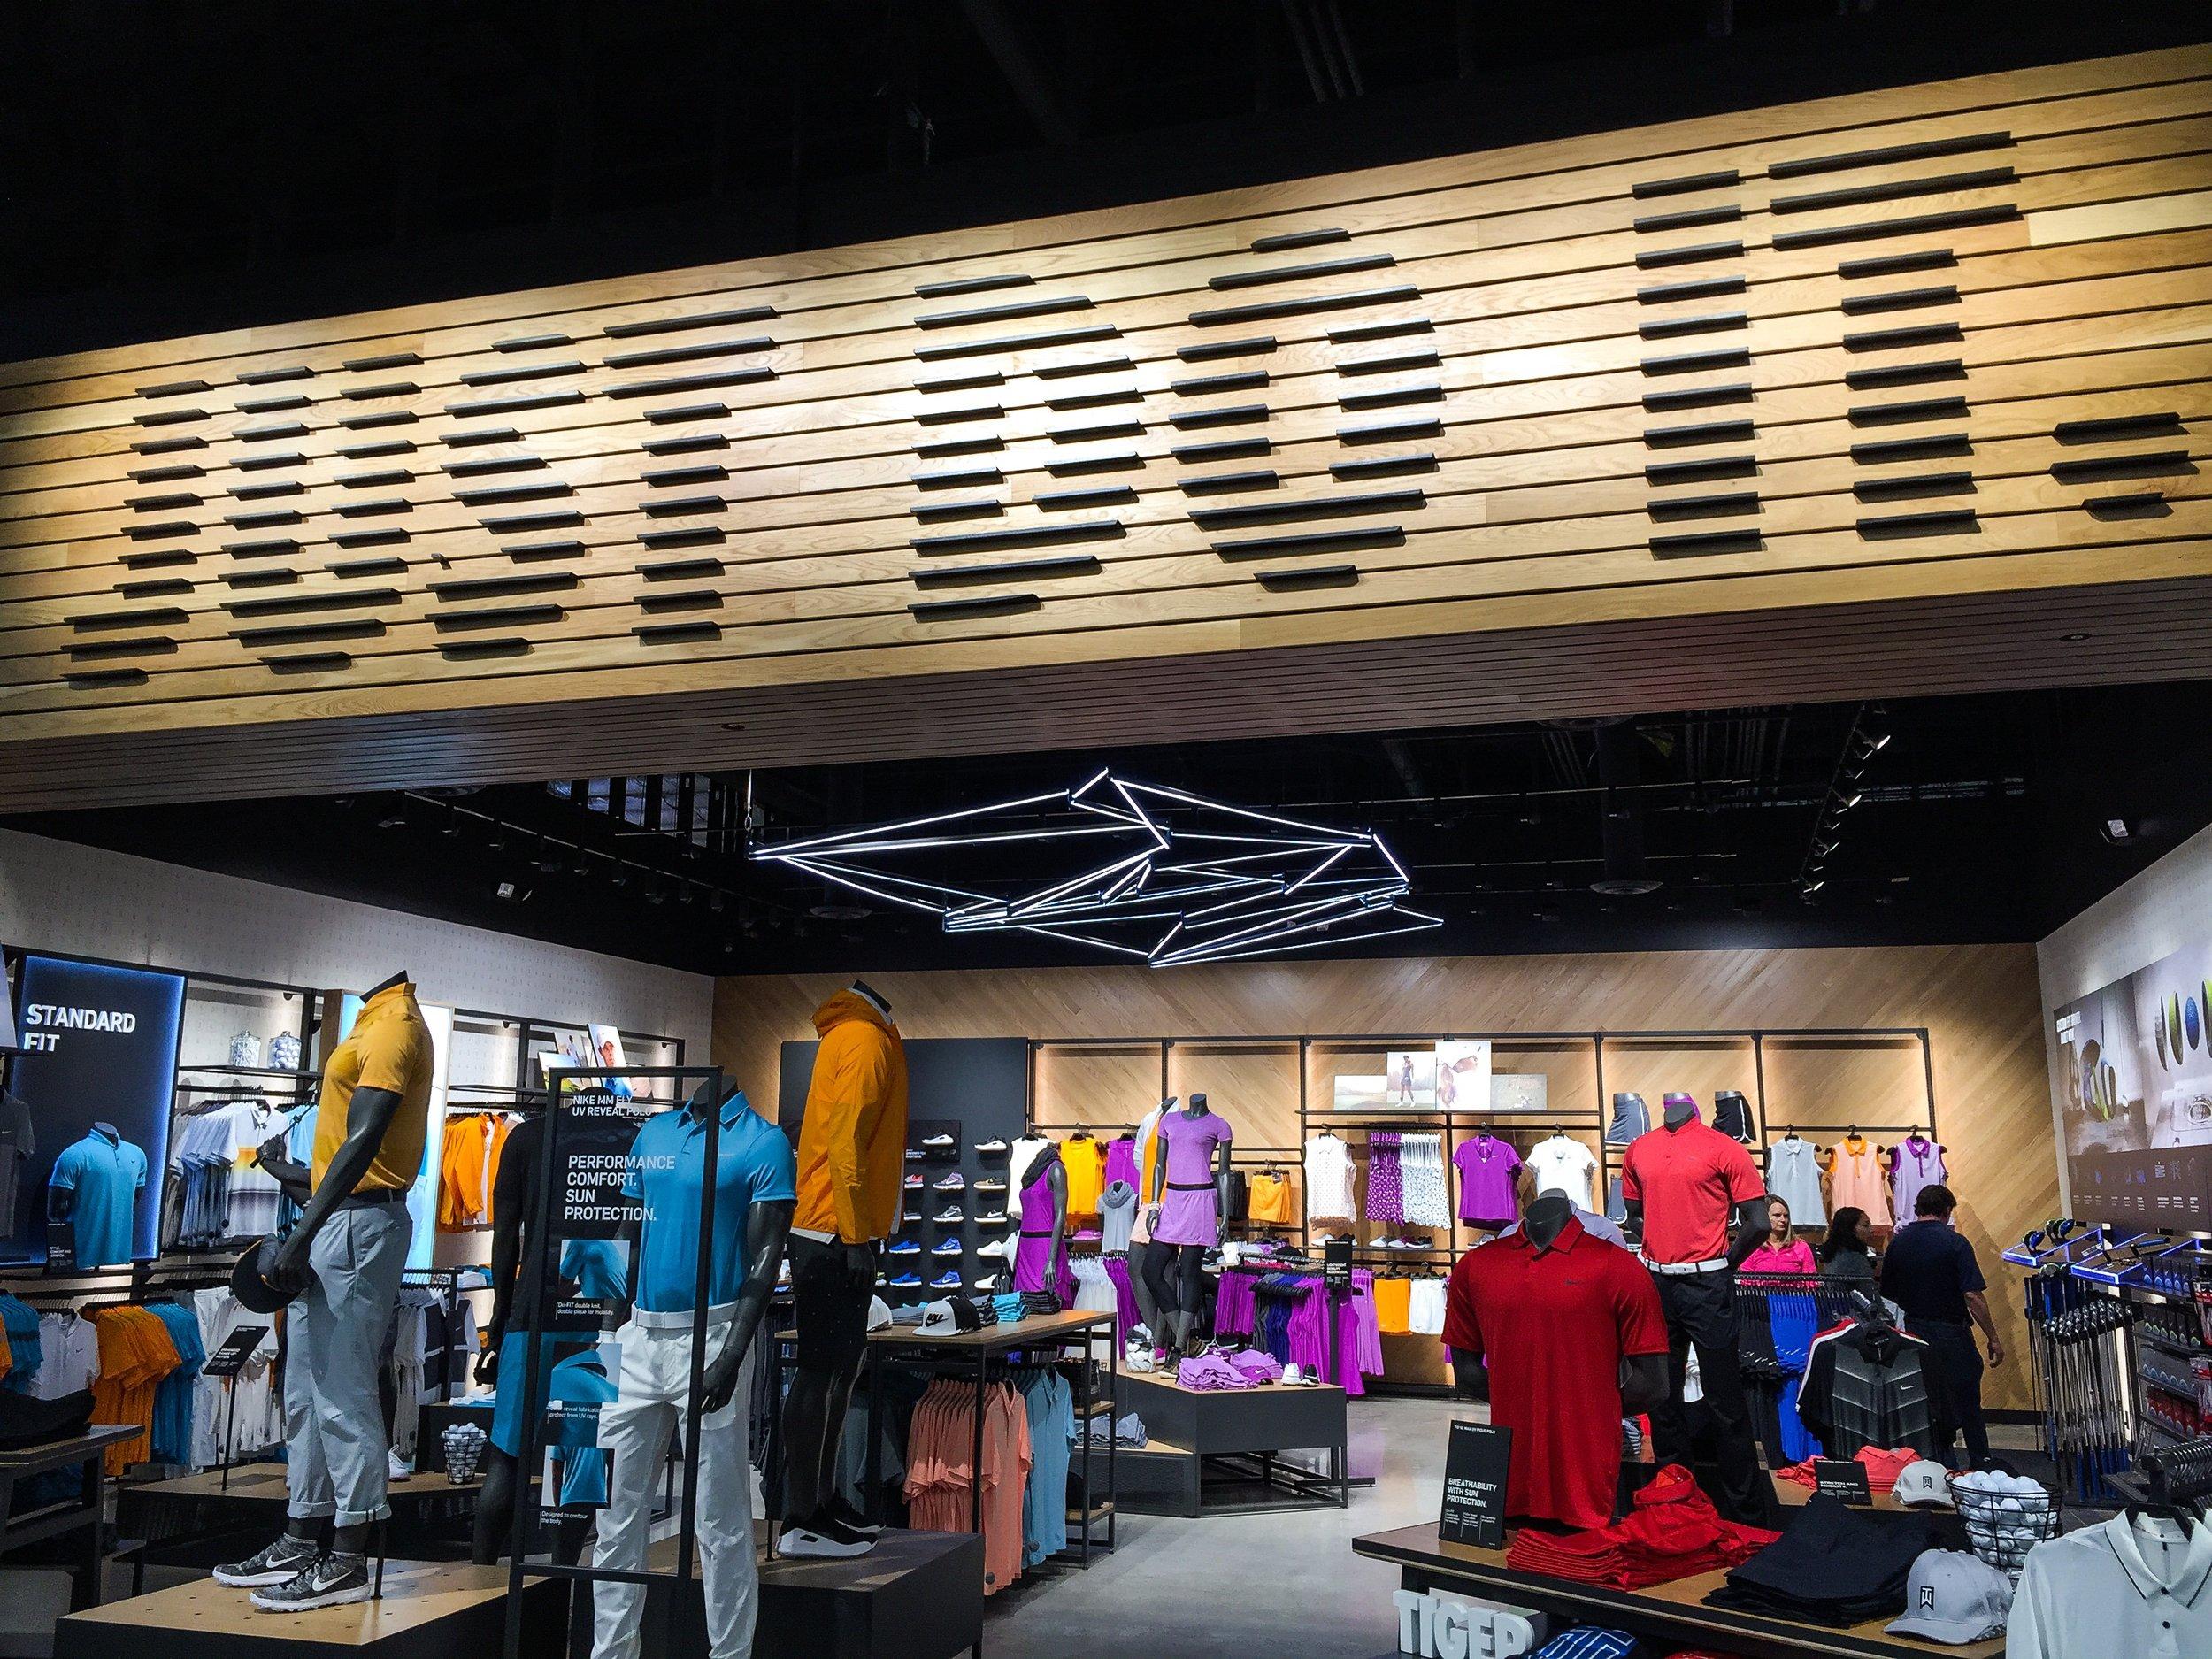 The Nike Golf Shop at Roger Dunn Santa Ana